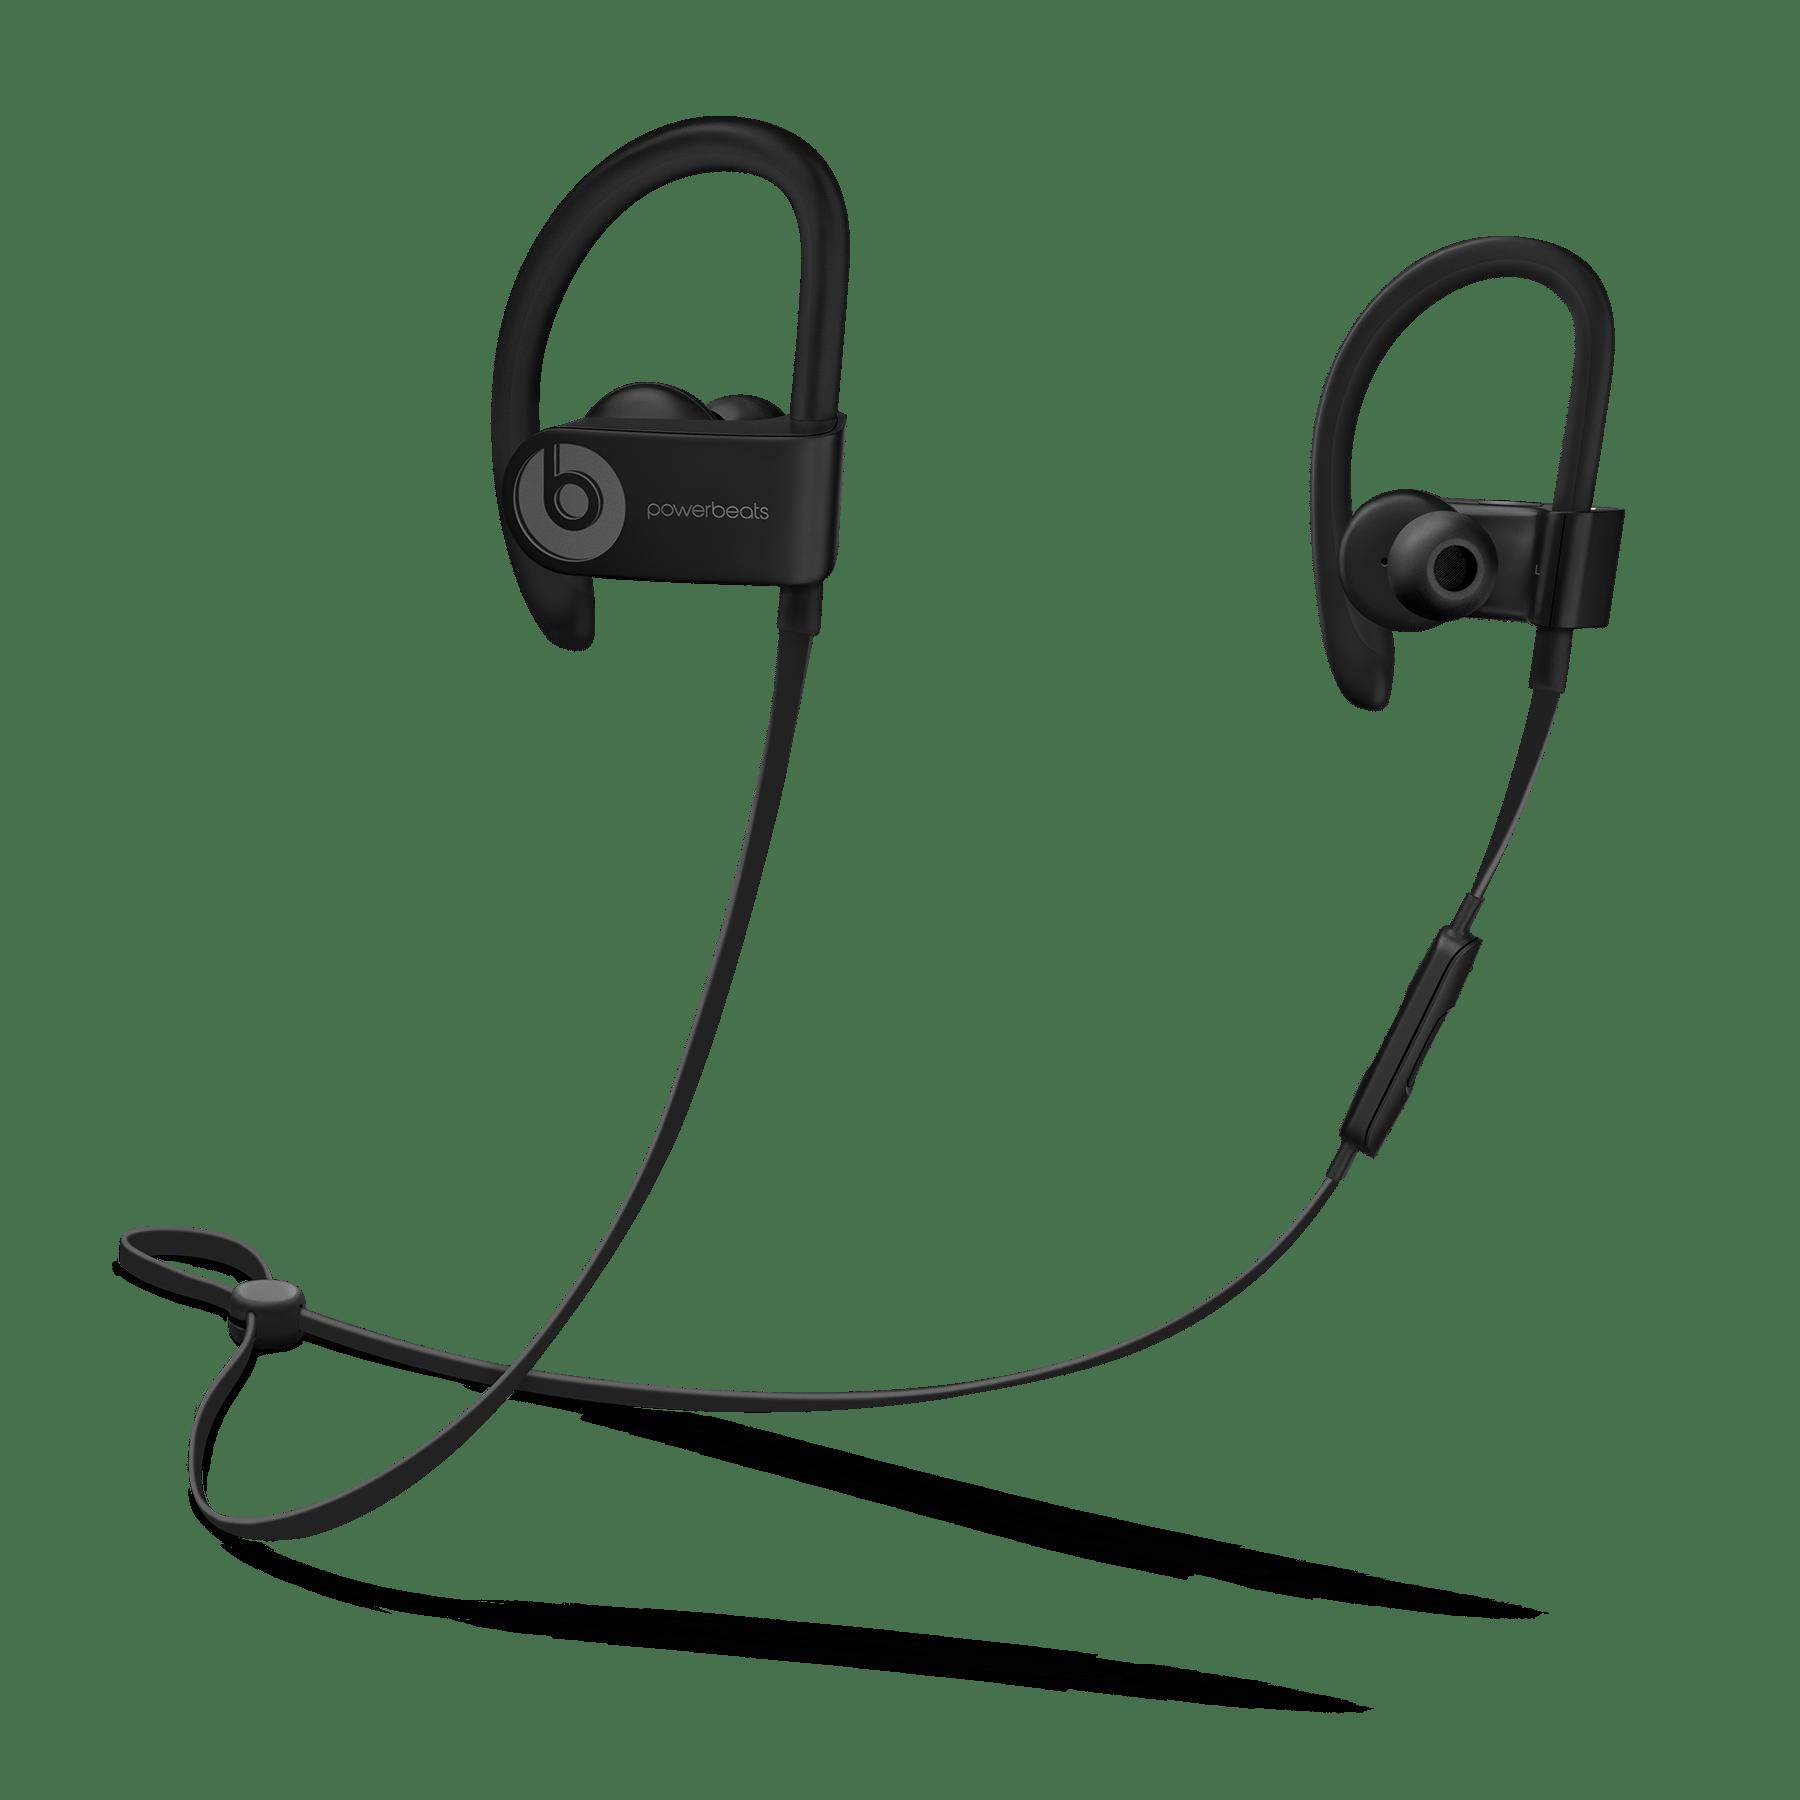 Beats Powerbeats3 Wireless Earphones Beats By Dre Https Www Beatsbydre Com Earphones Powerbeats3 Wireless Wireless Beats Wireless Earphones Headphones